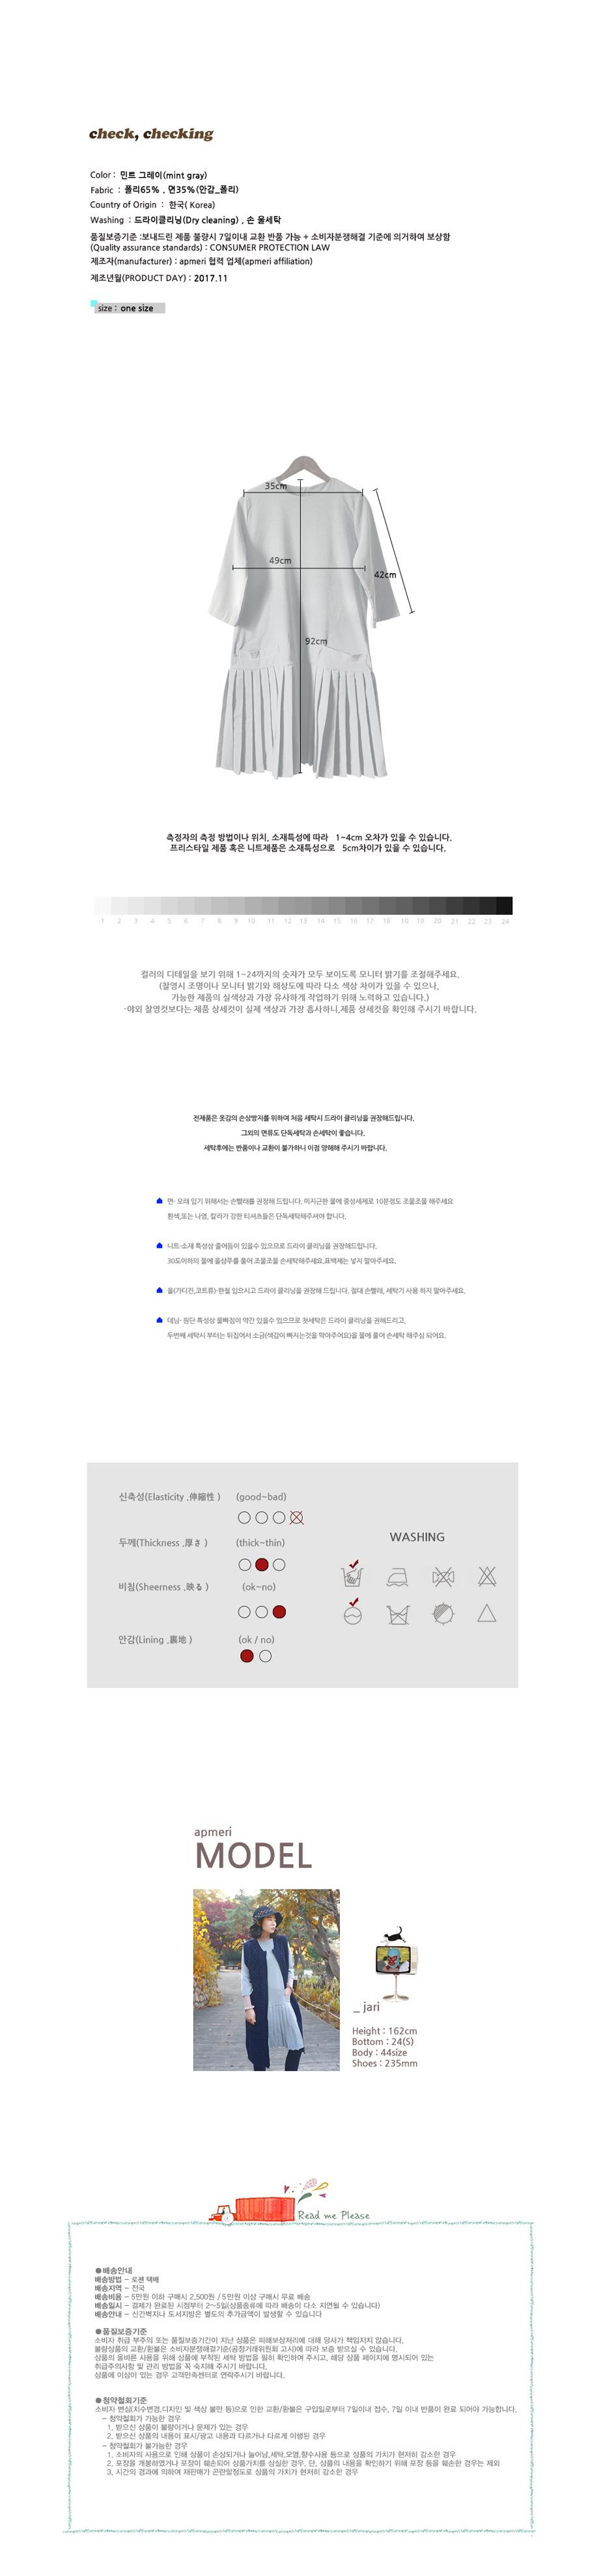 로맨틱 플리츠 원피스n1113 - 앞머리, 47,500원, 원피스, 캐쥬얼/플레어원피스